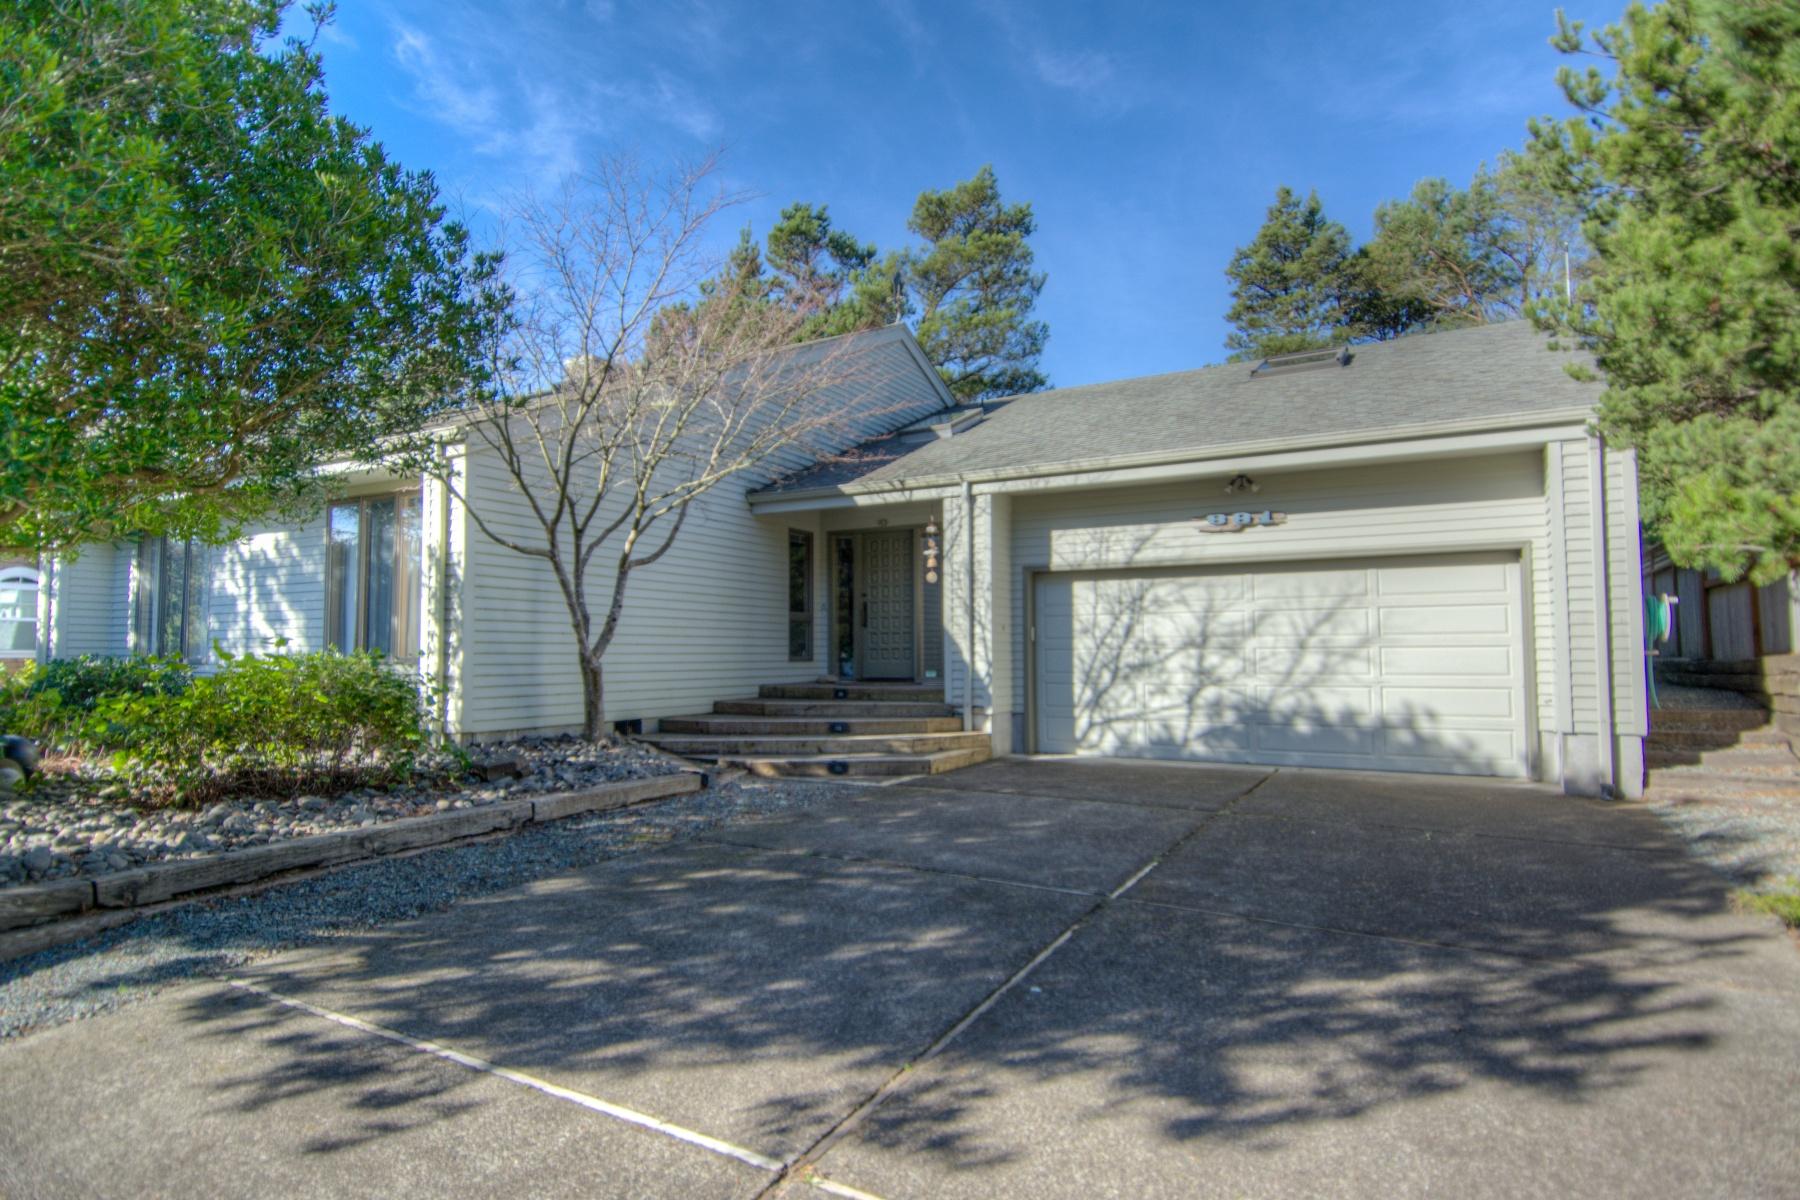 Nhà ở một gia đình vì Bán tại 881 LAKEVIEW DR, MANZANITA, OR Manzanita, Oregon 97130 Hoa Kỳ